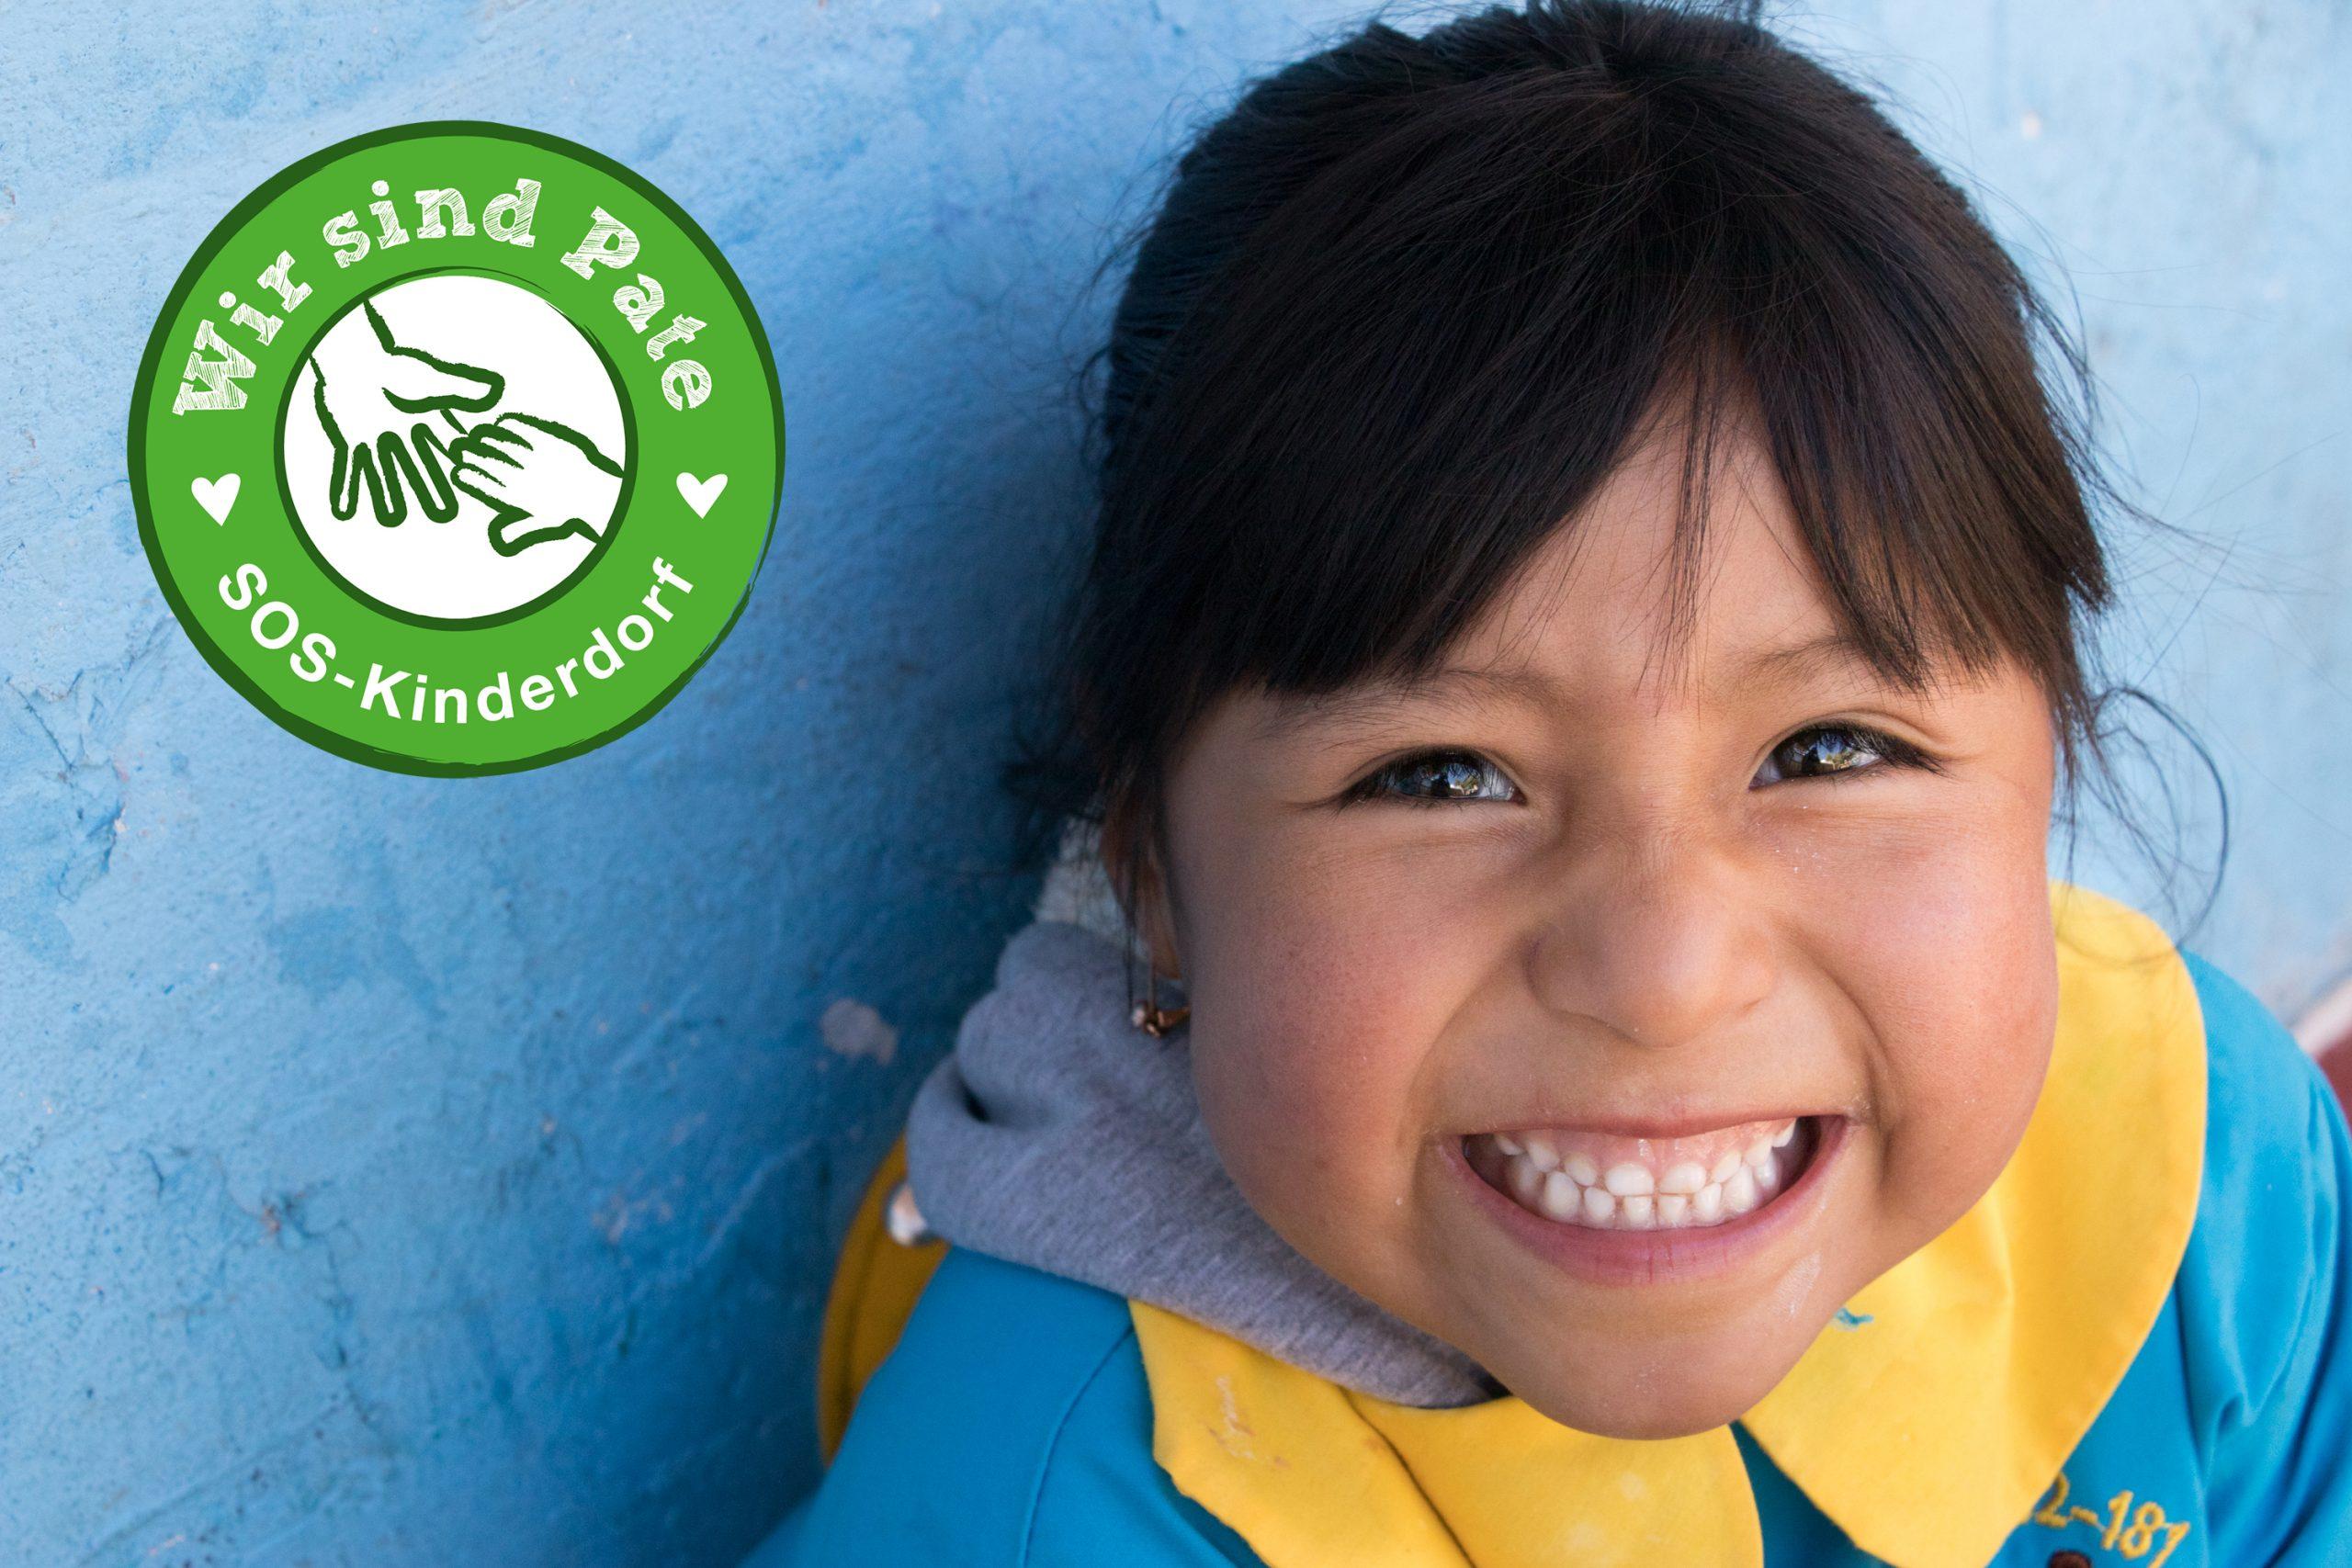 Wir sind Pate SOS-Kinderdorf-Kinder